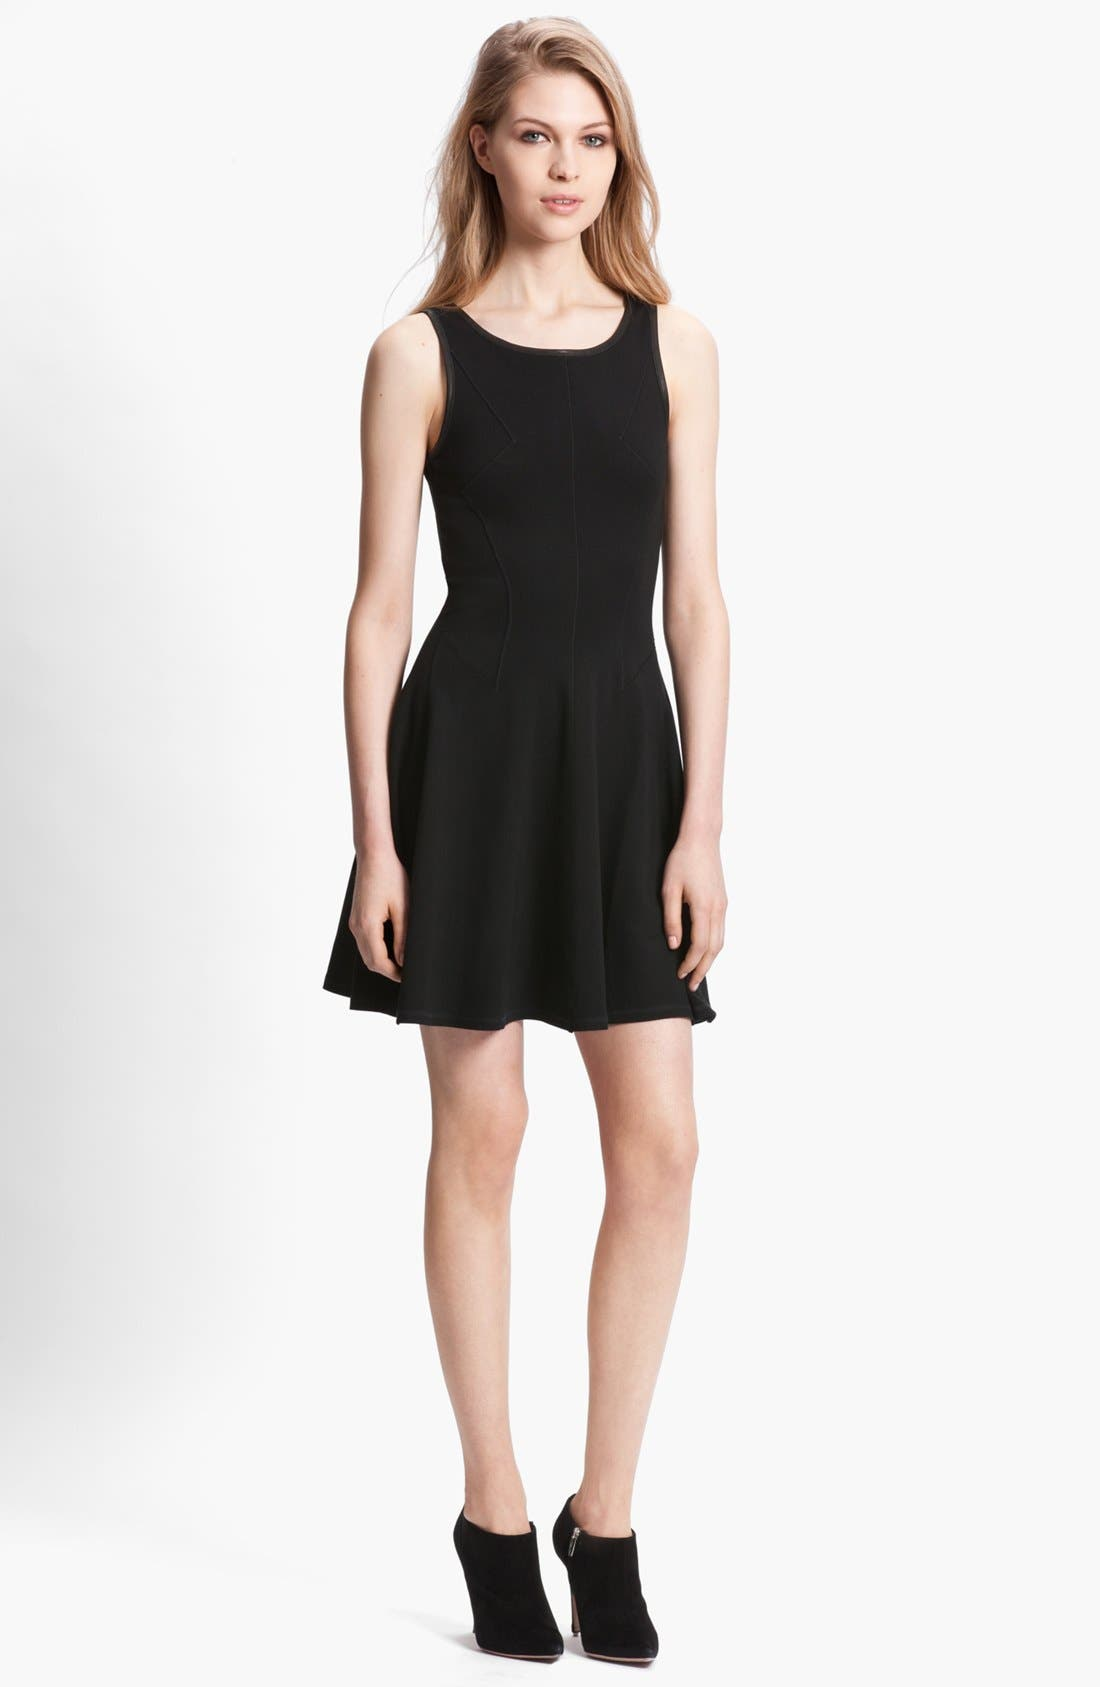 Main Image - Faith Connexion Leather Detail Dress